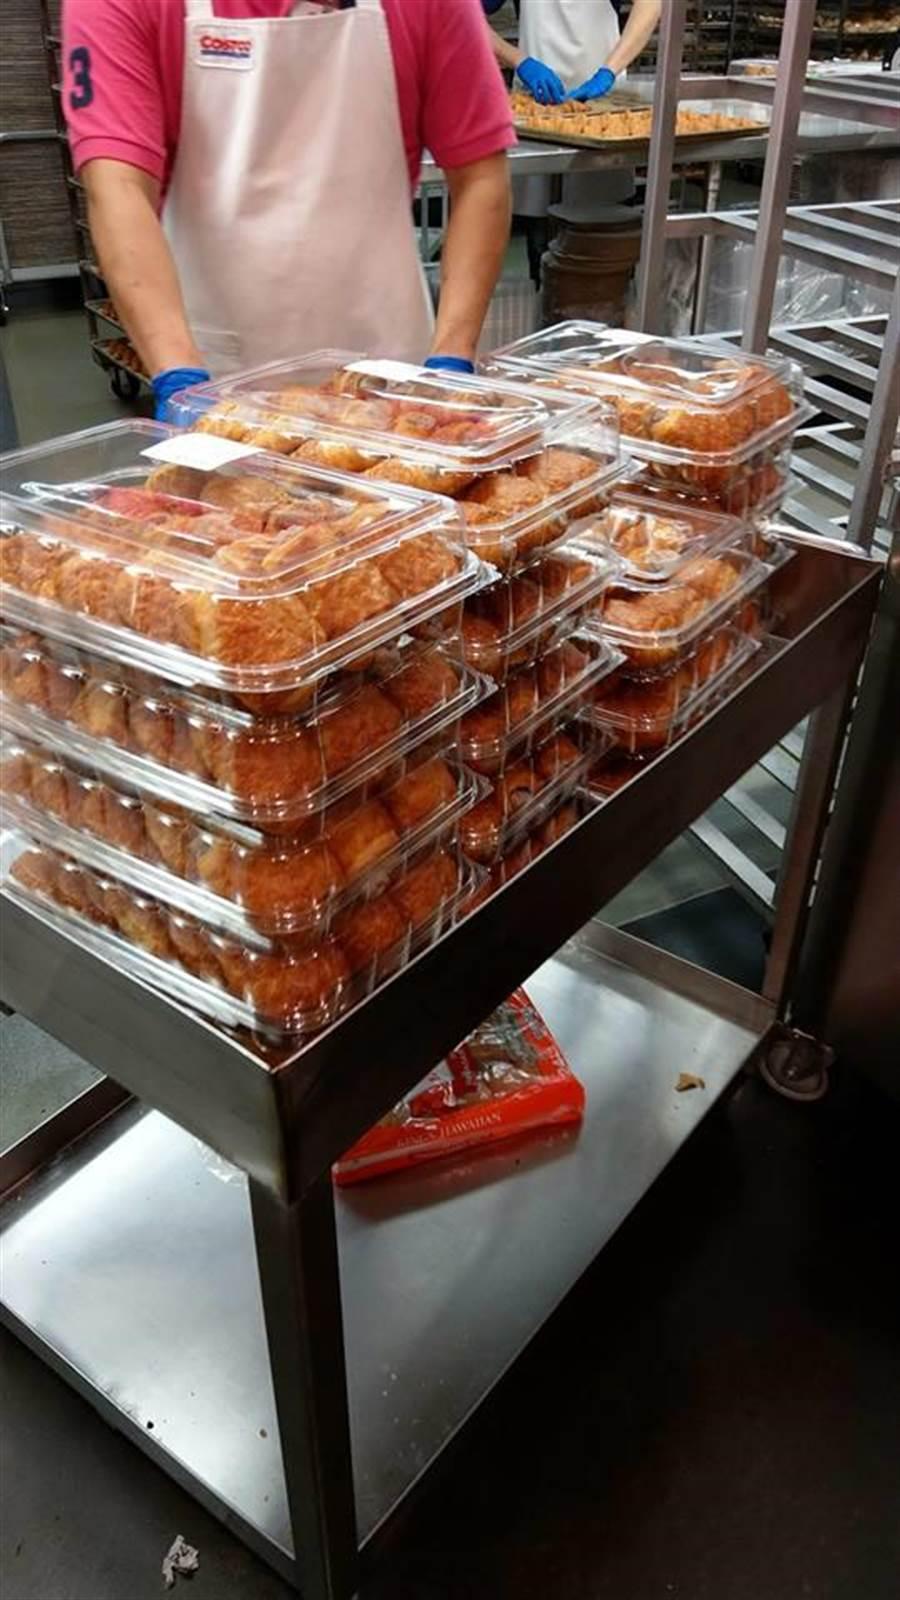 排了35分鐘才知道是賣芋頭酥。(翻攝自Costco好市多 商品經驗老實說)